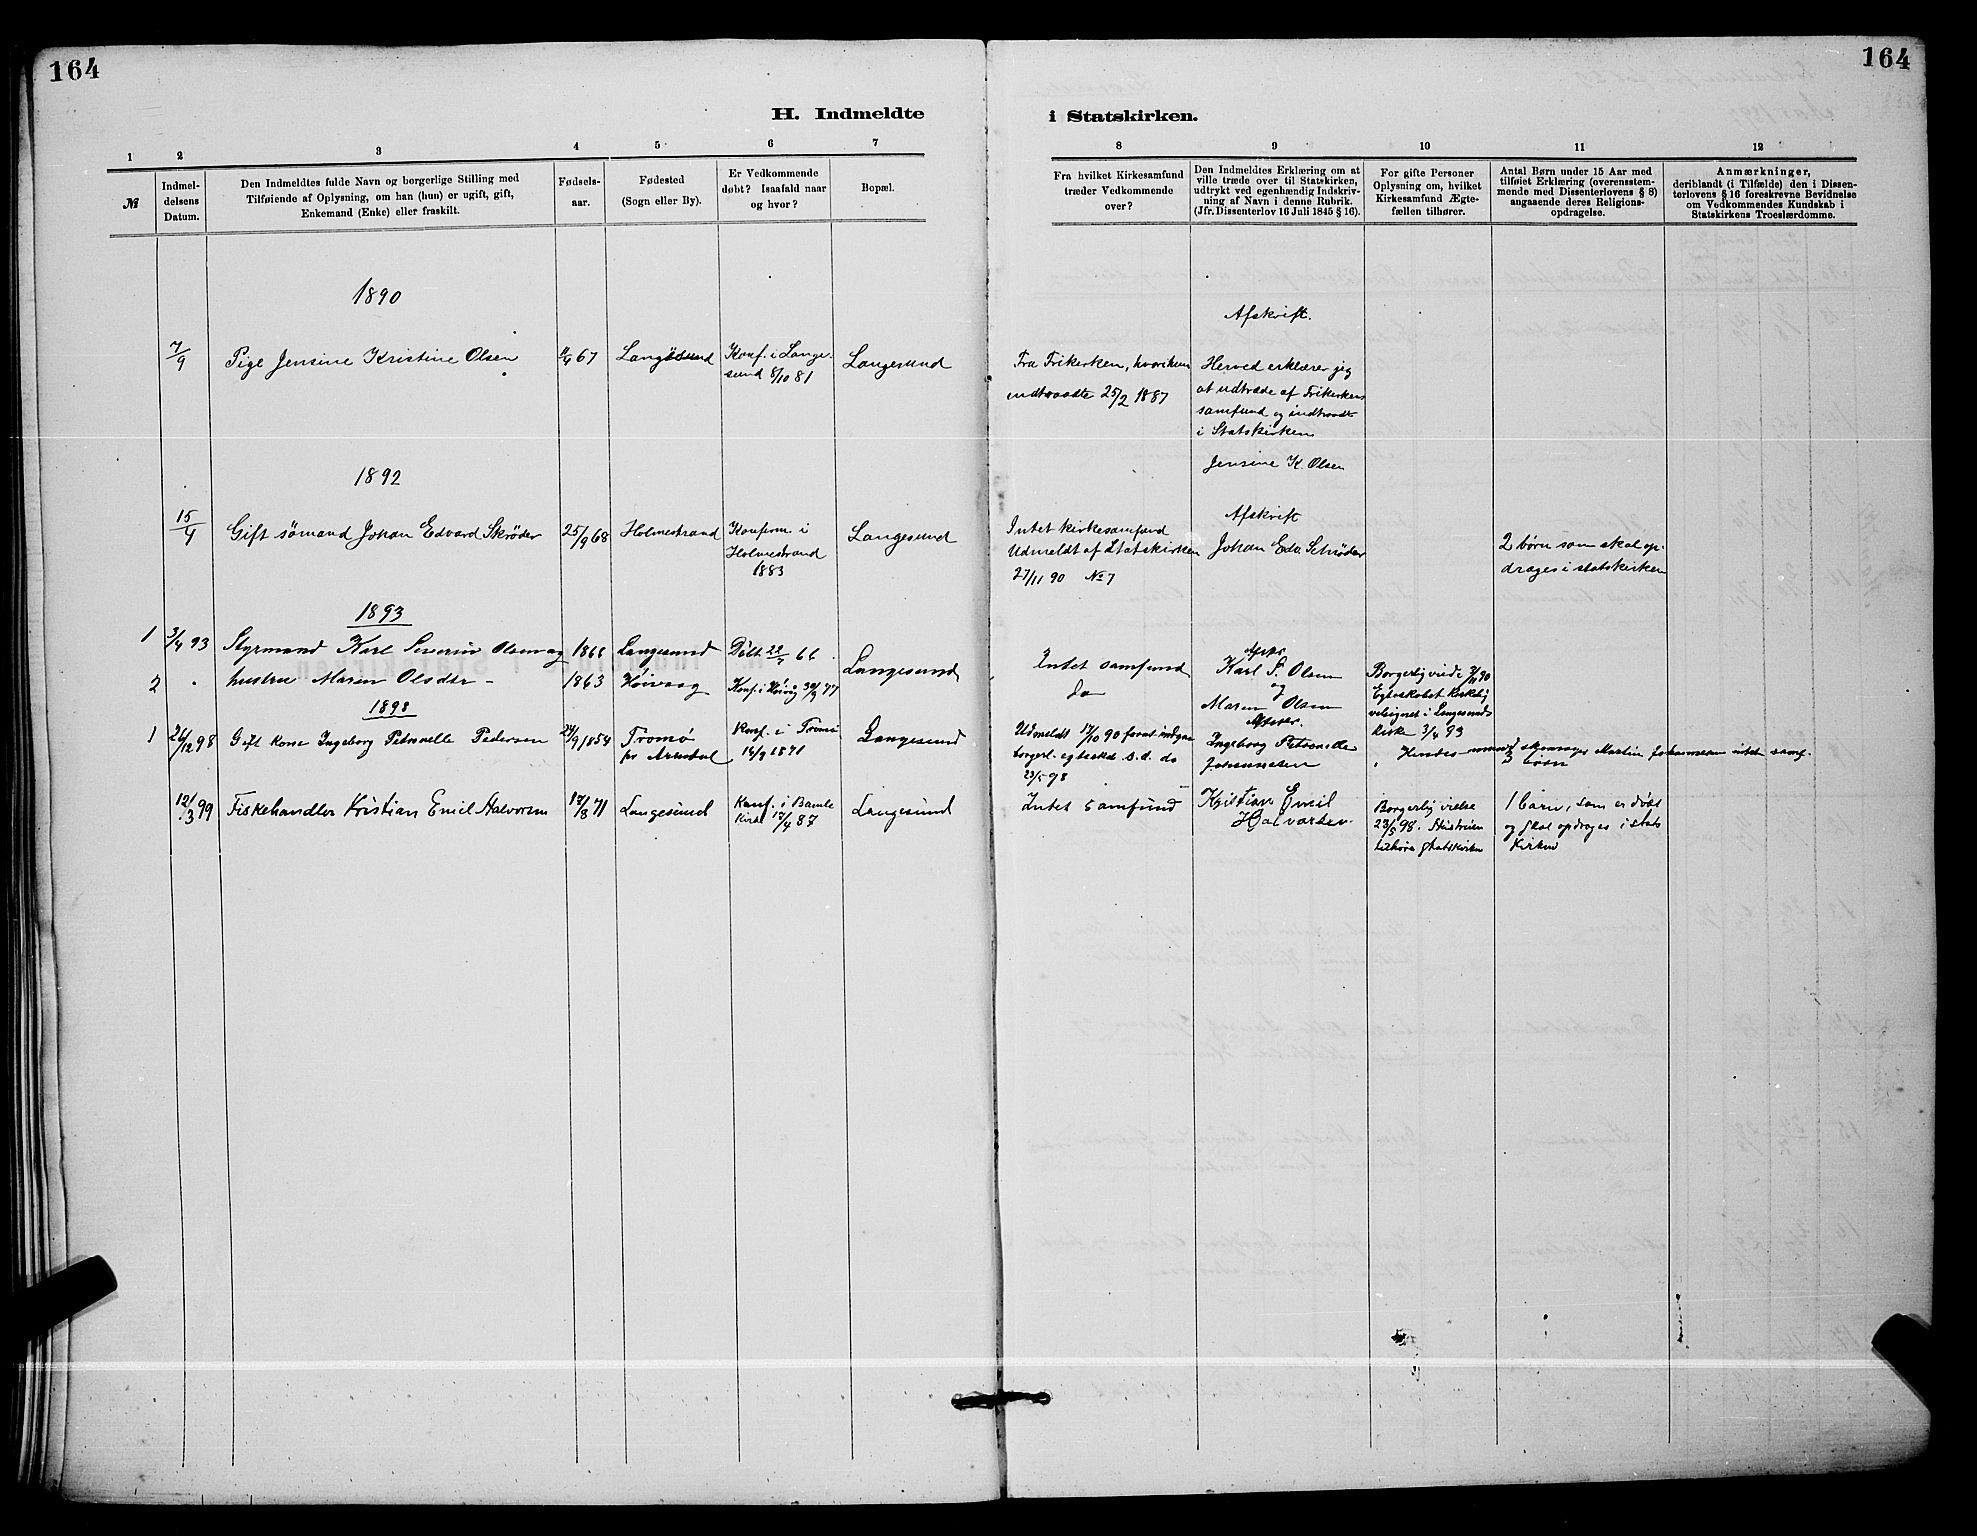 SAKO, Langesund kirkebøker, G/Ga/L0005: Klokkerbok nr. 5, 1884-1898, s. 164